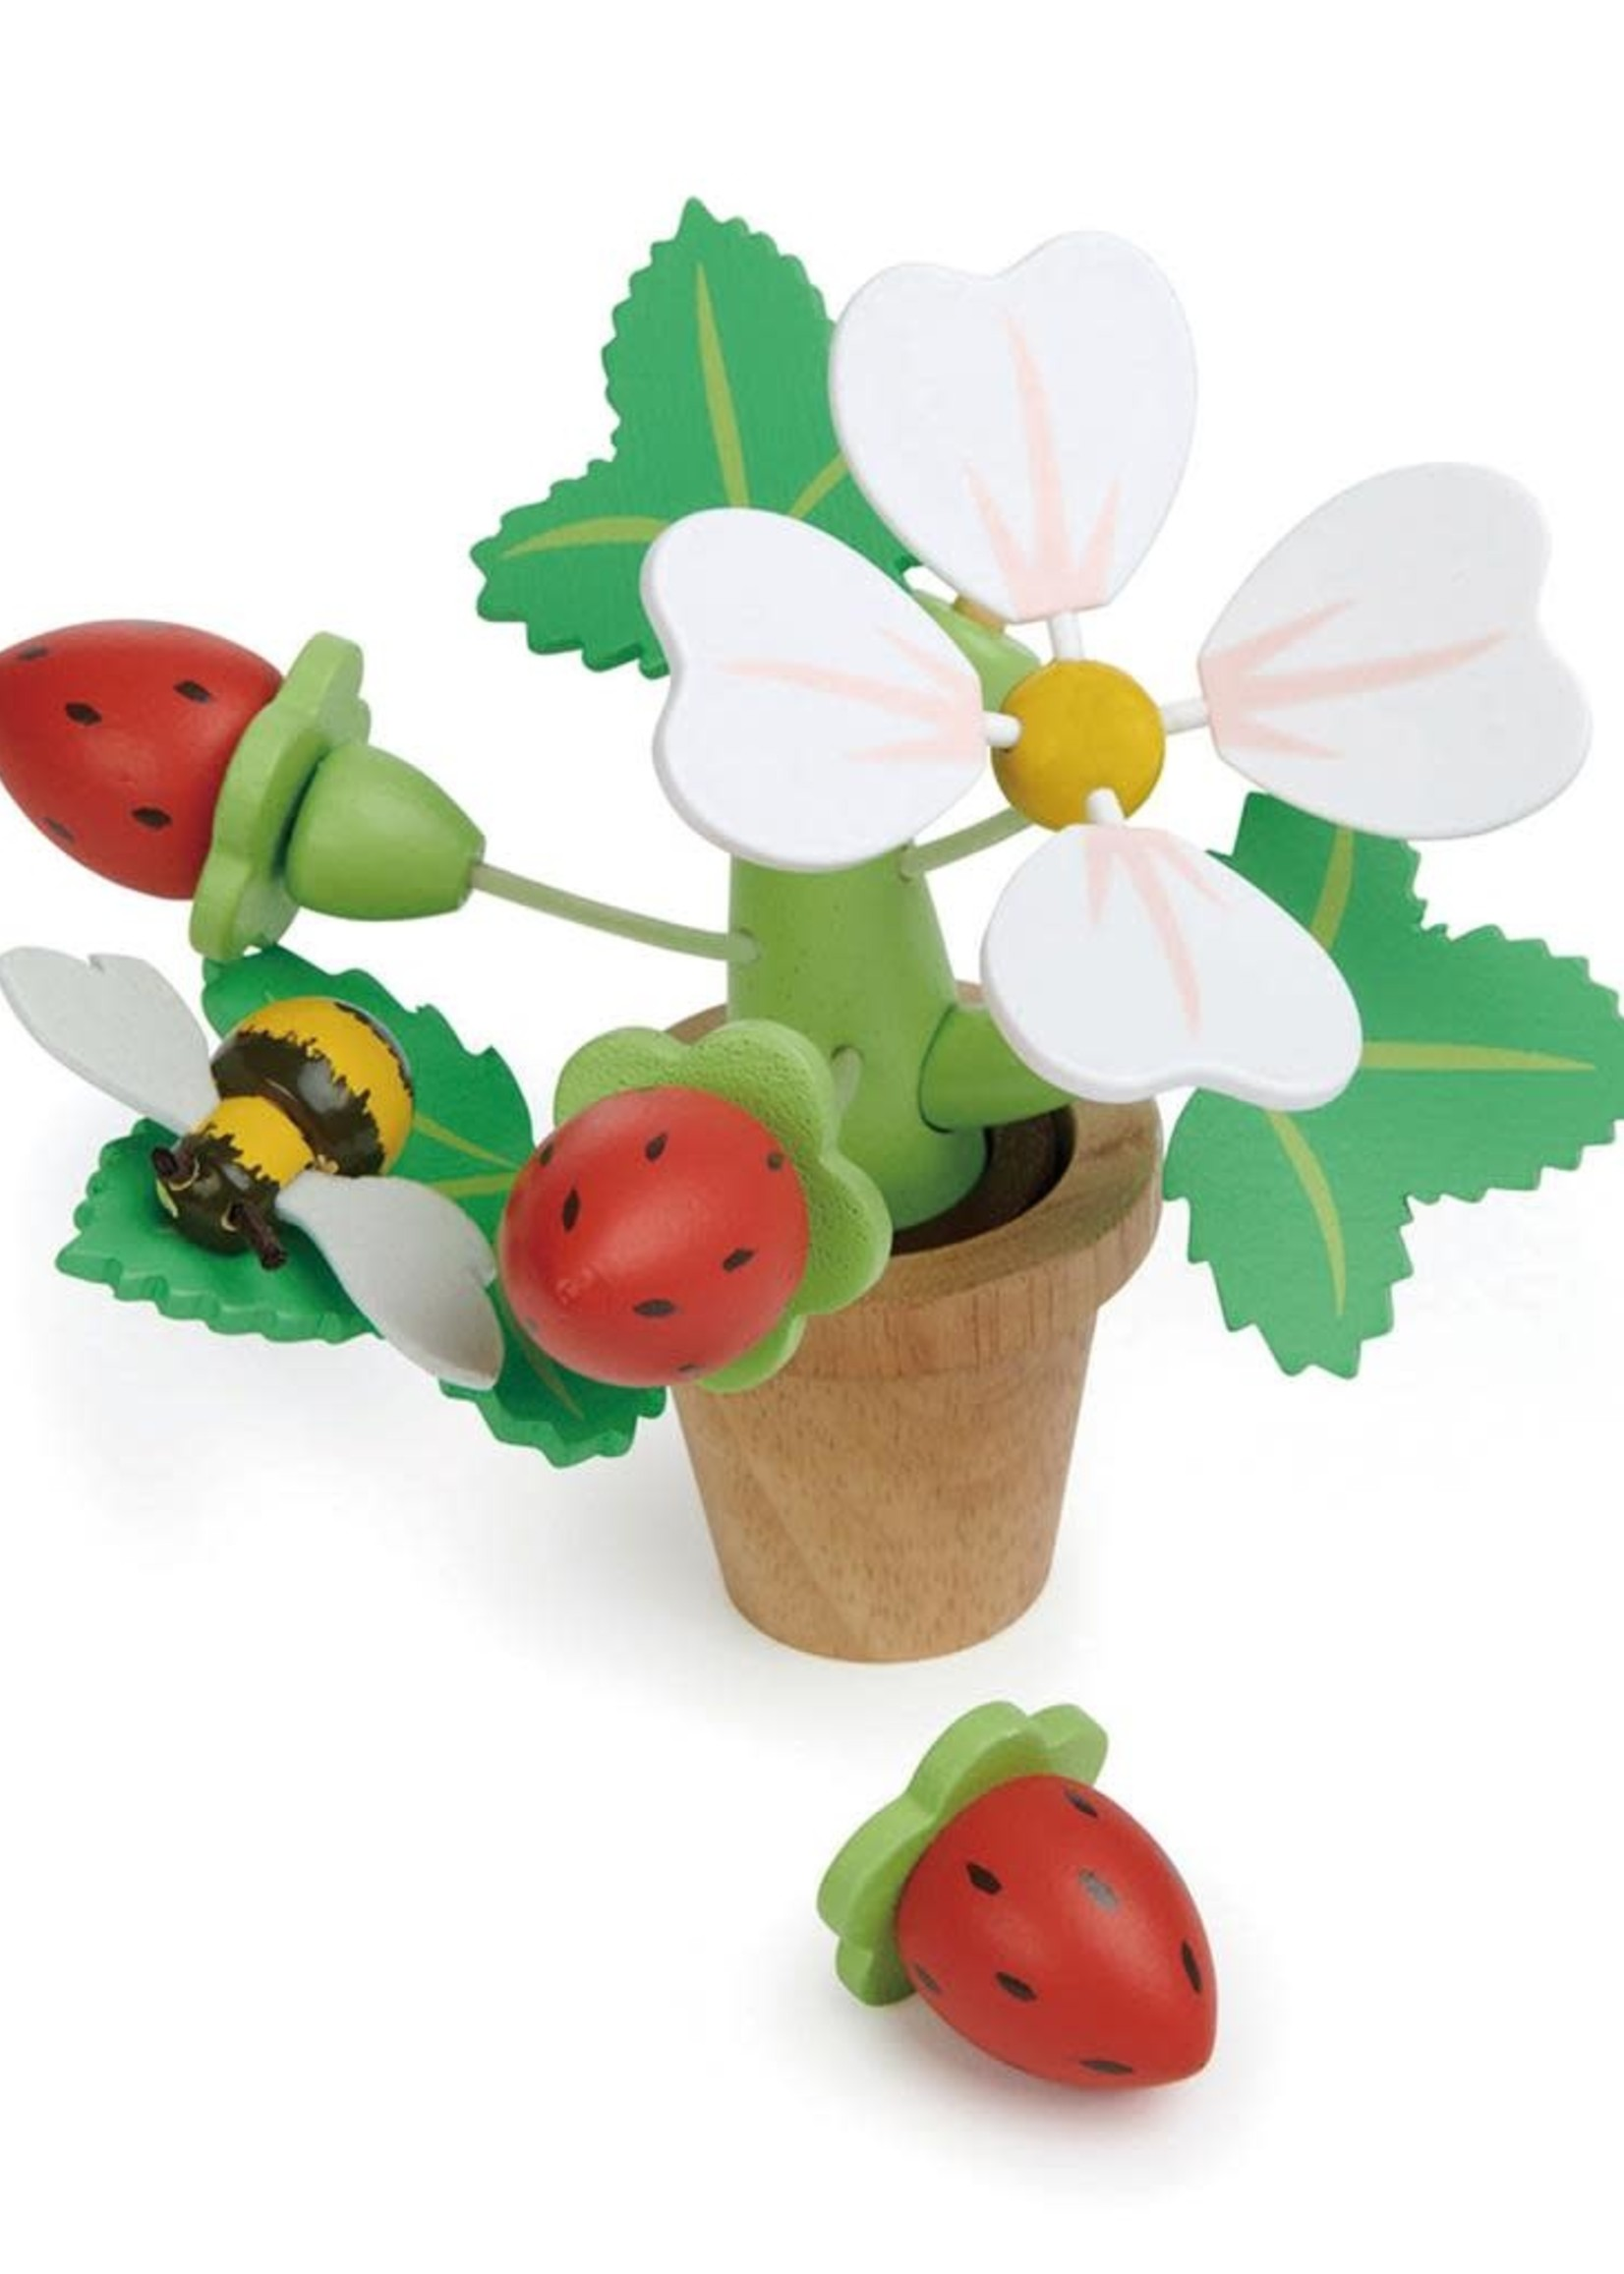 Tender Leaf Toys Bloempot aardbeien